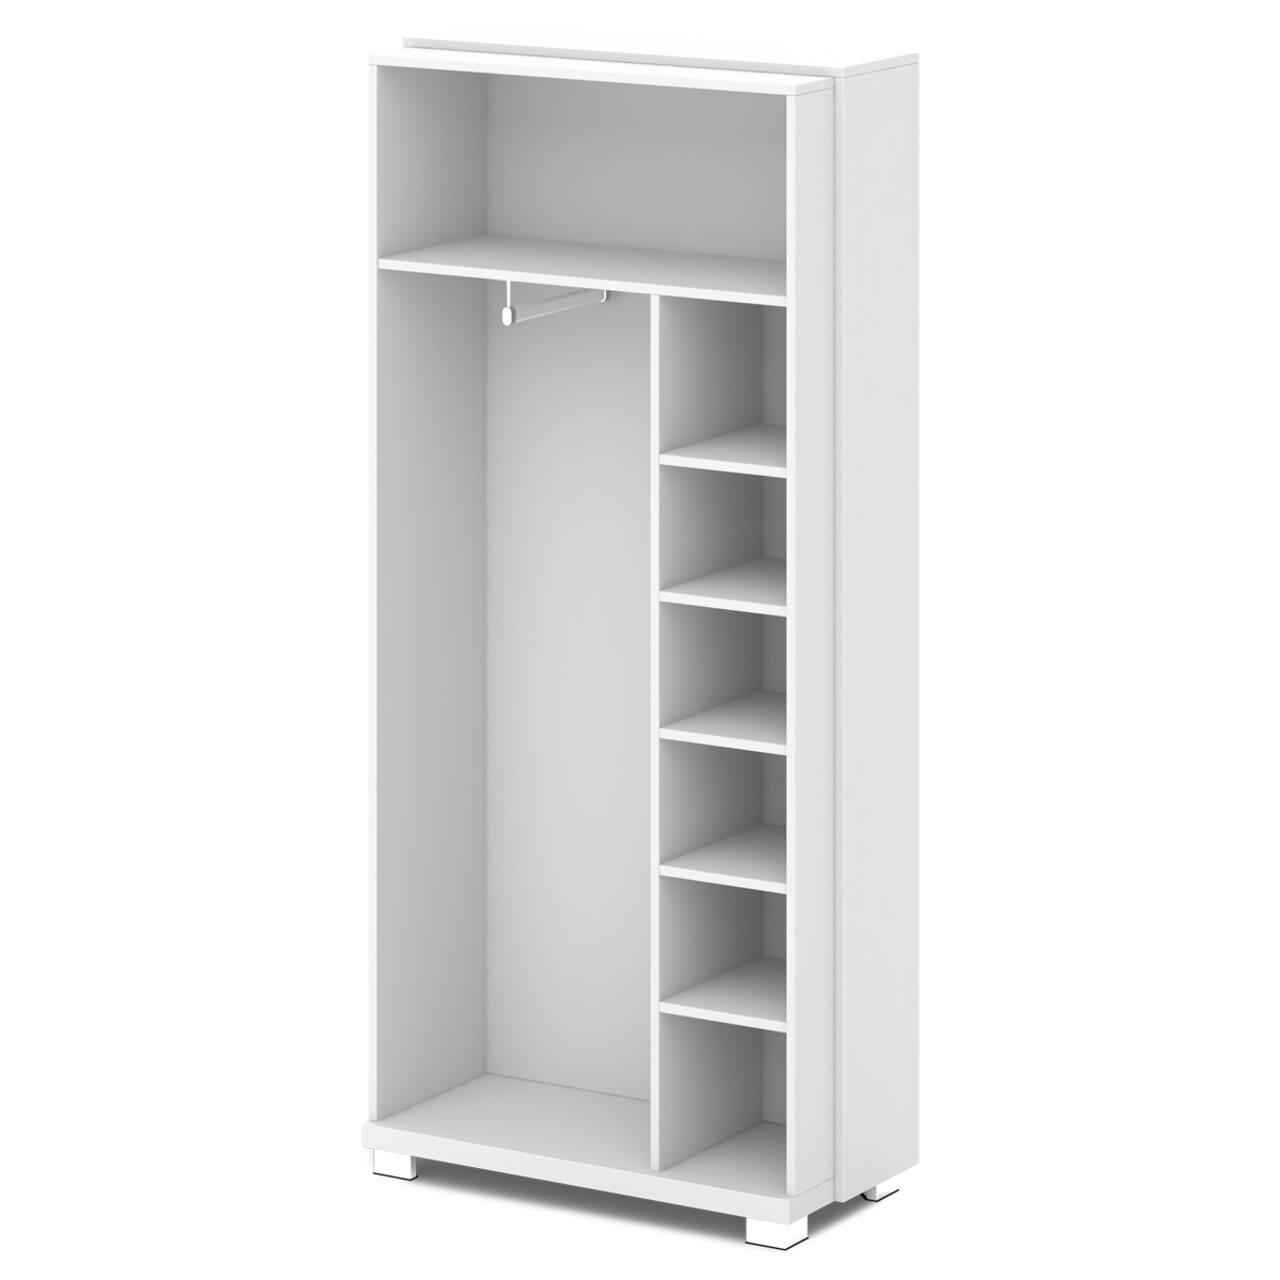 Каркас шкафа для одежды отдельностоящий  GRACE 44x94x205 - фото 3